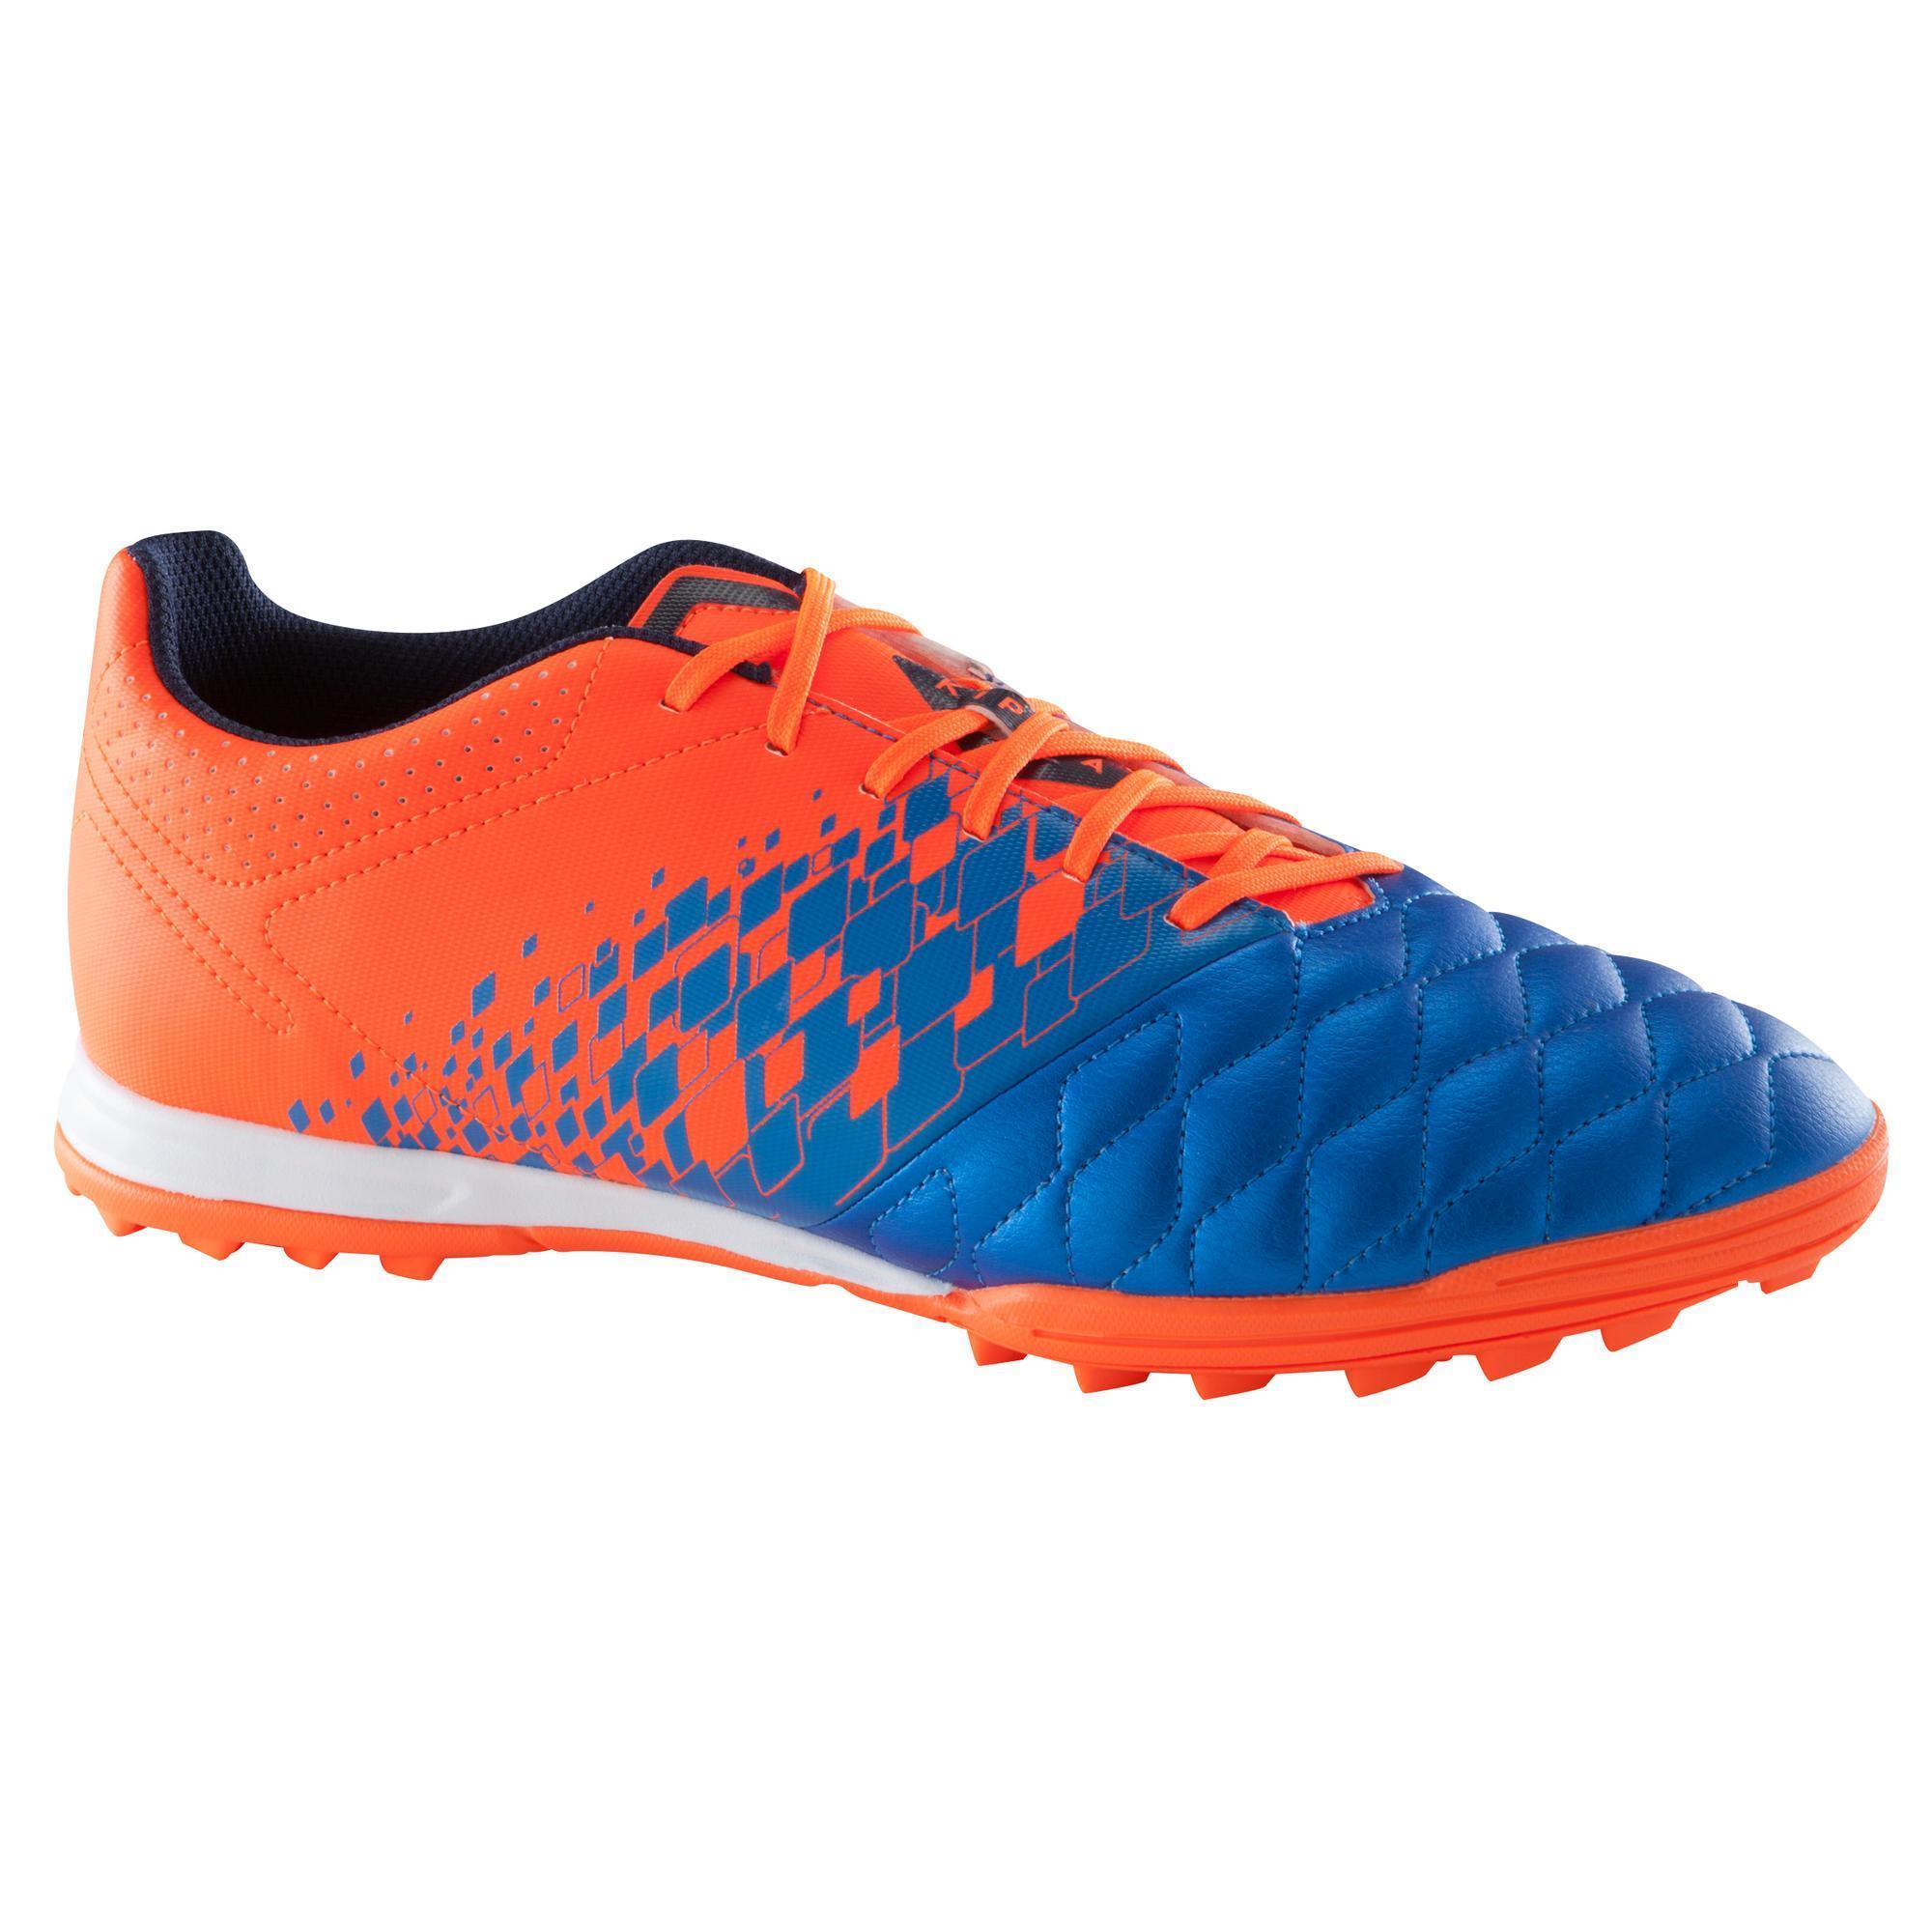 on sale bddfc 5bfcc Comprar Botas de Fútbol Adultos y Zapatillas   Decathlon